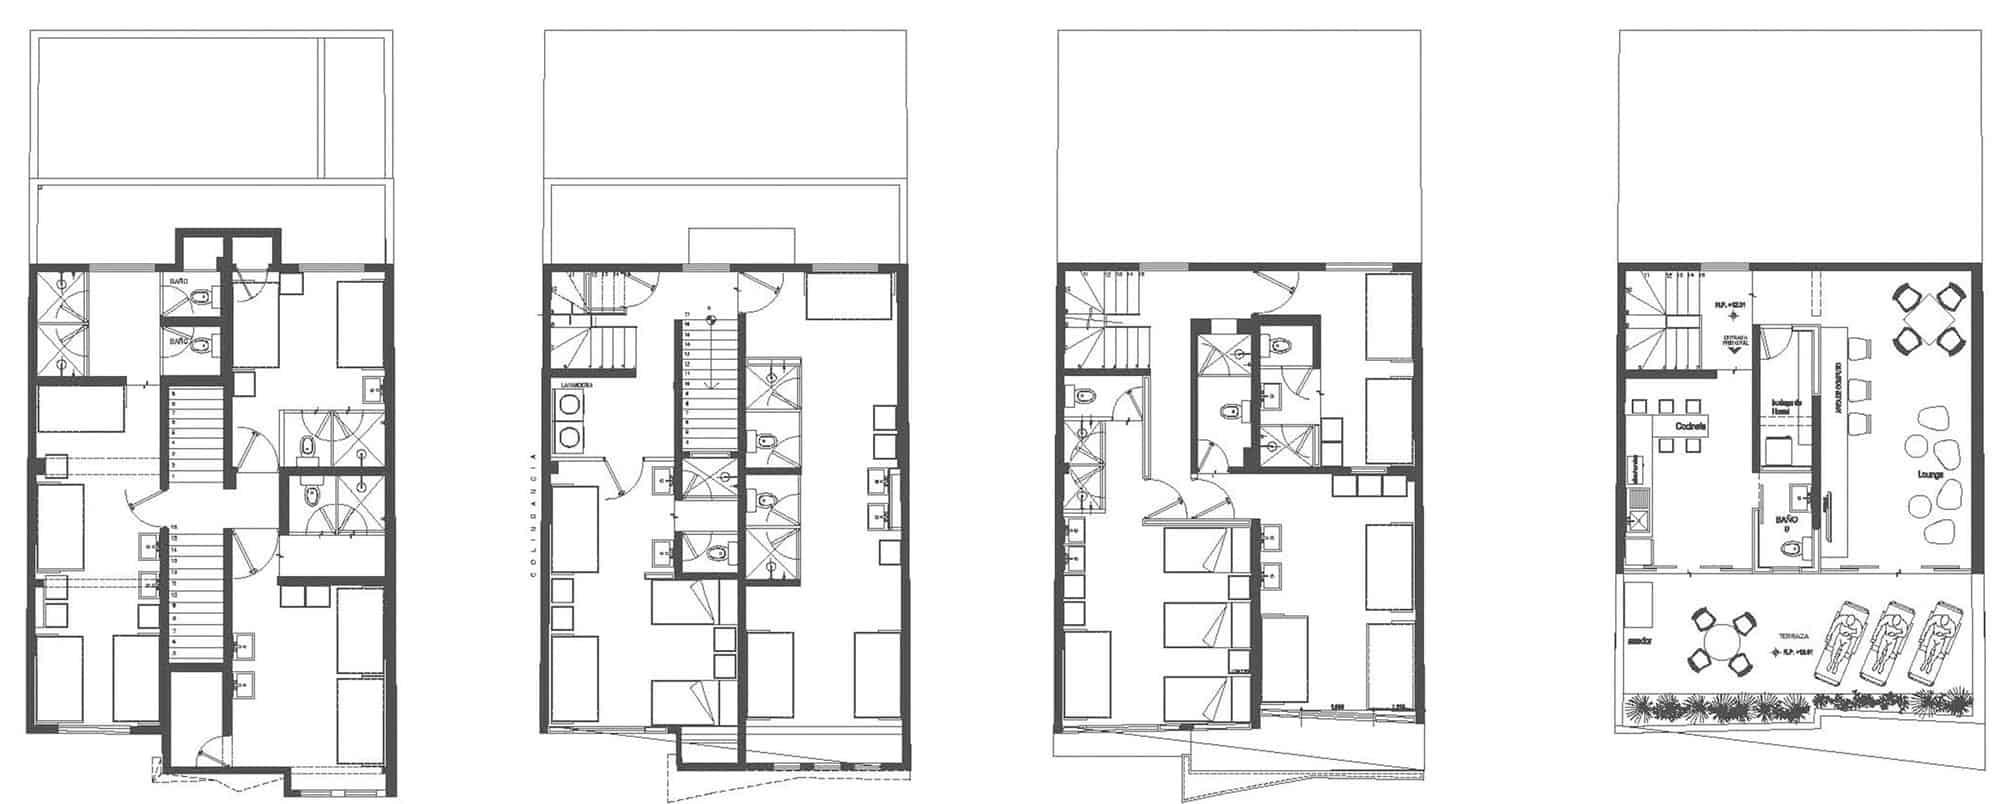 Hostal La Buena Vida by ARCO Arquitectura Contemporánea (23)